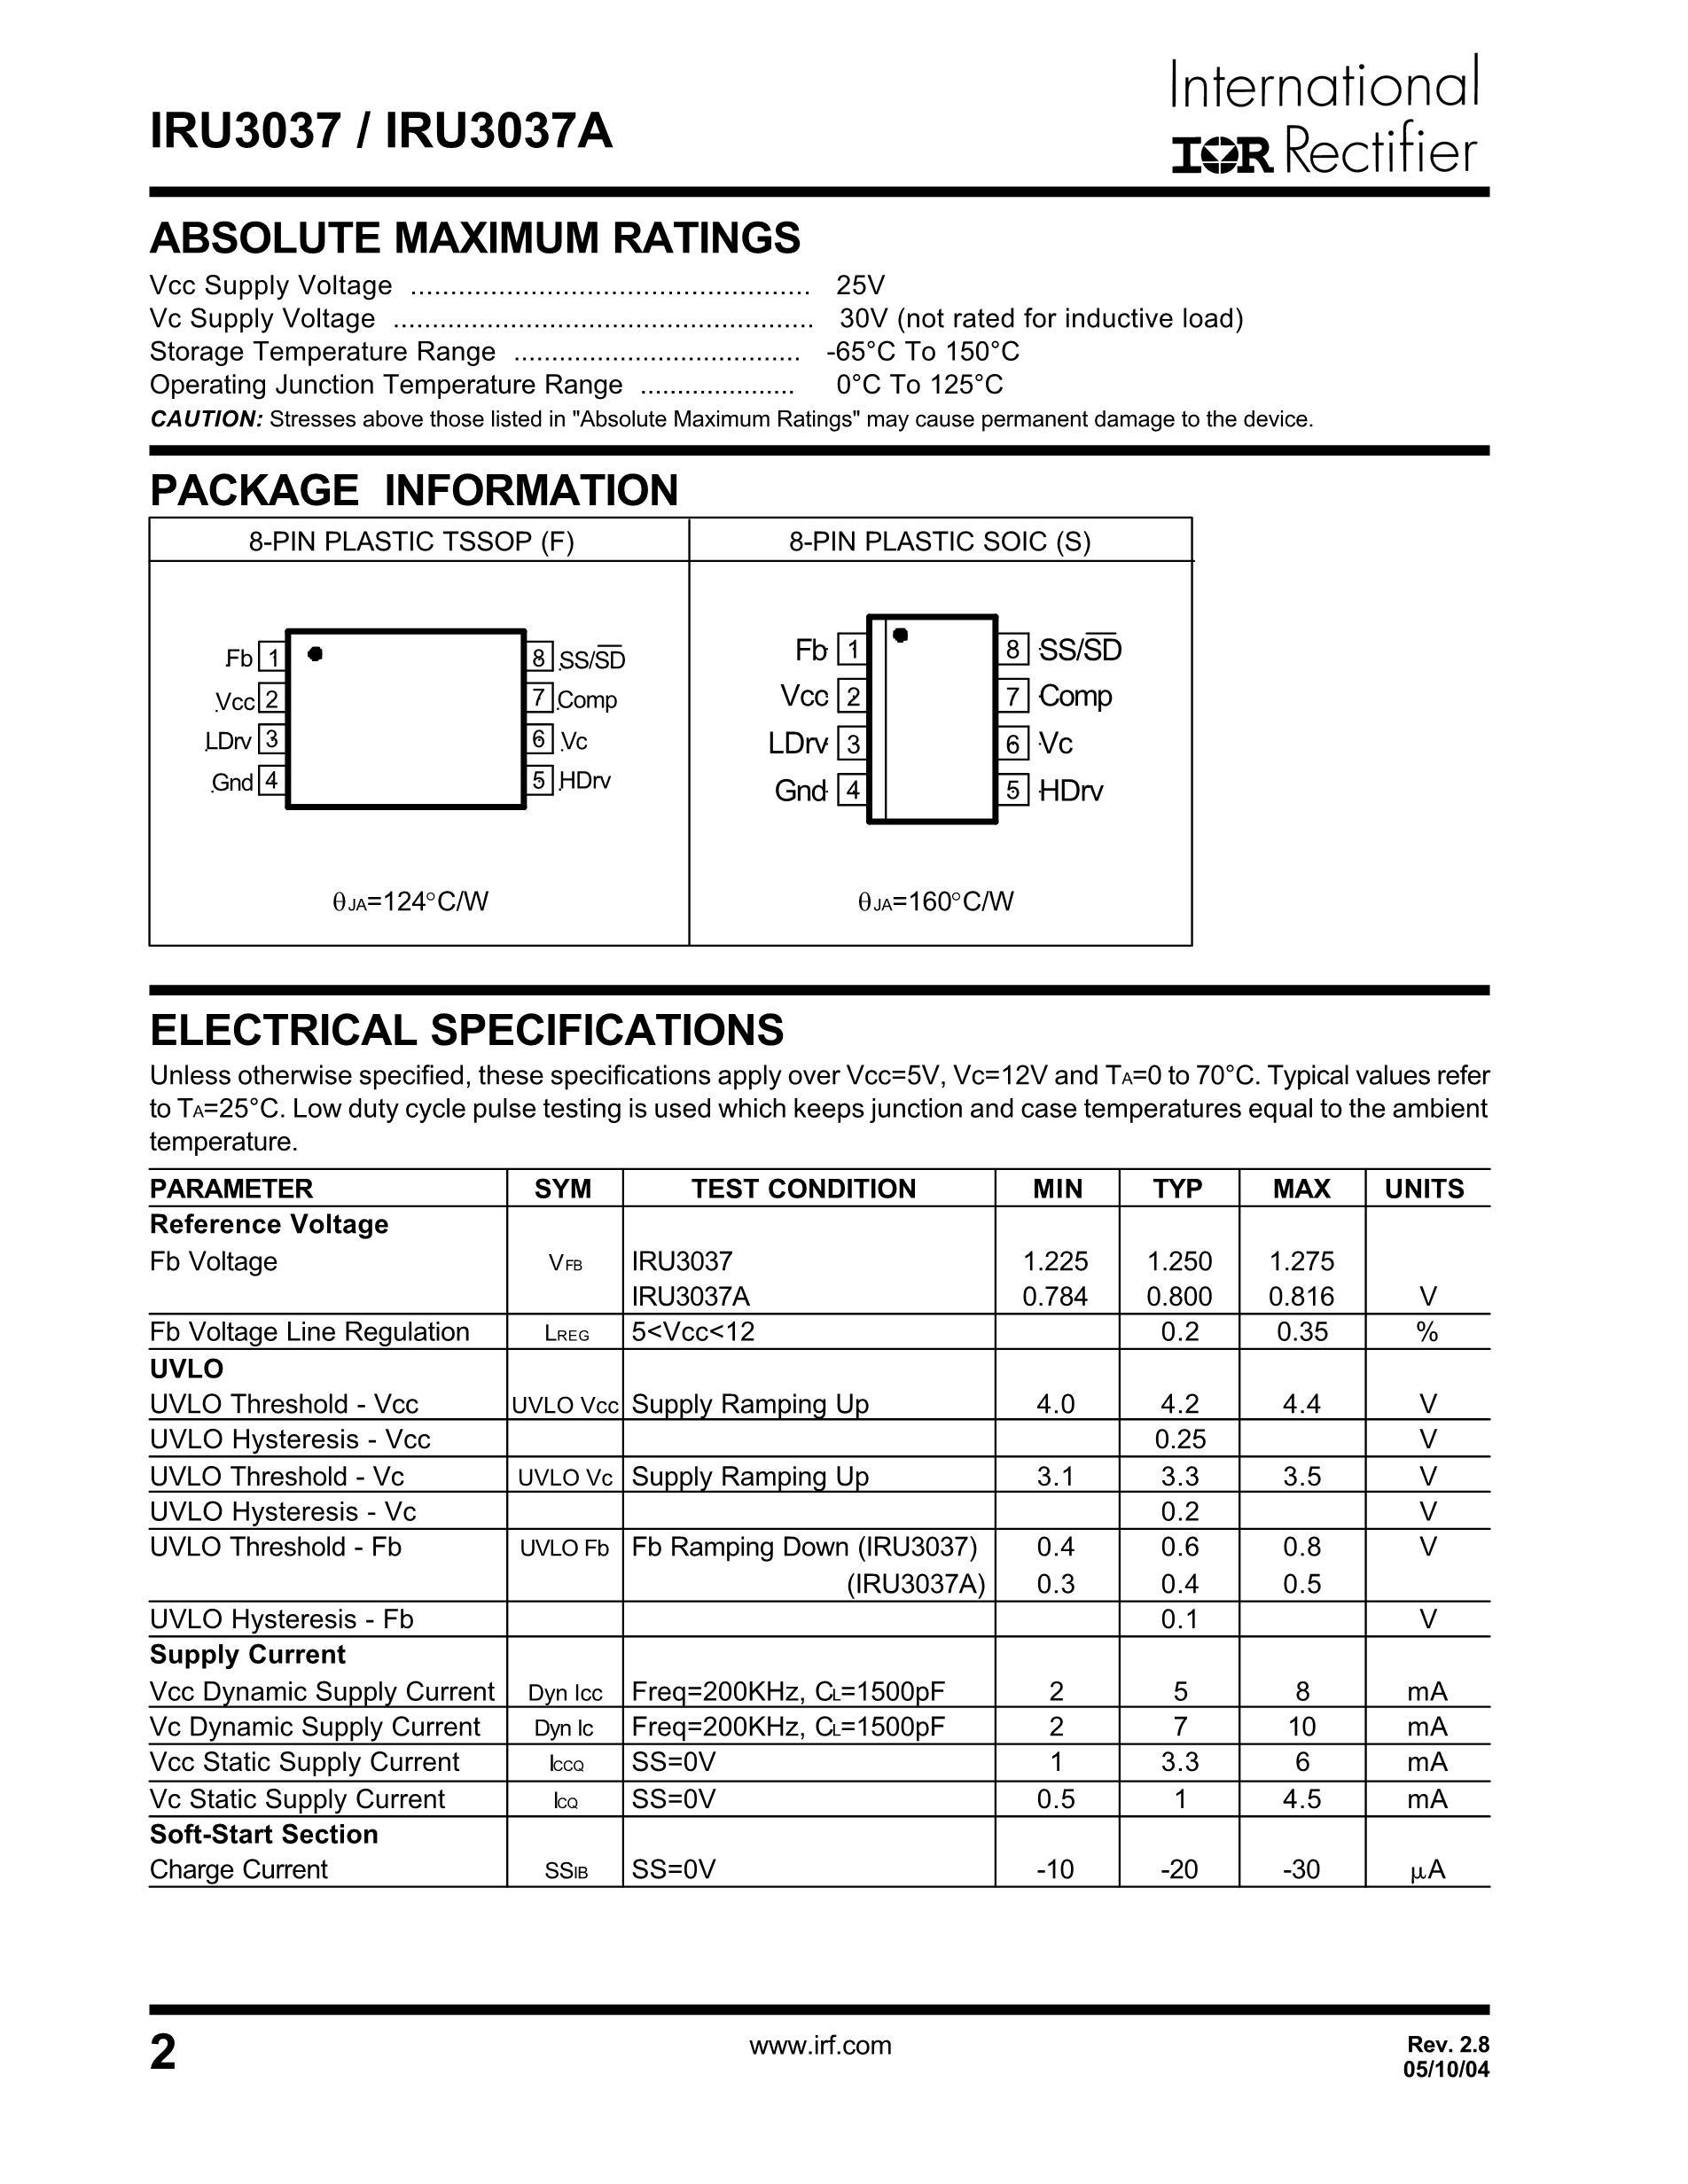 IRU3037ACSTR's pdf picture 2